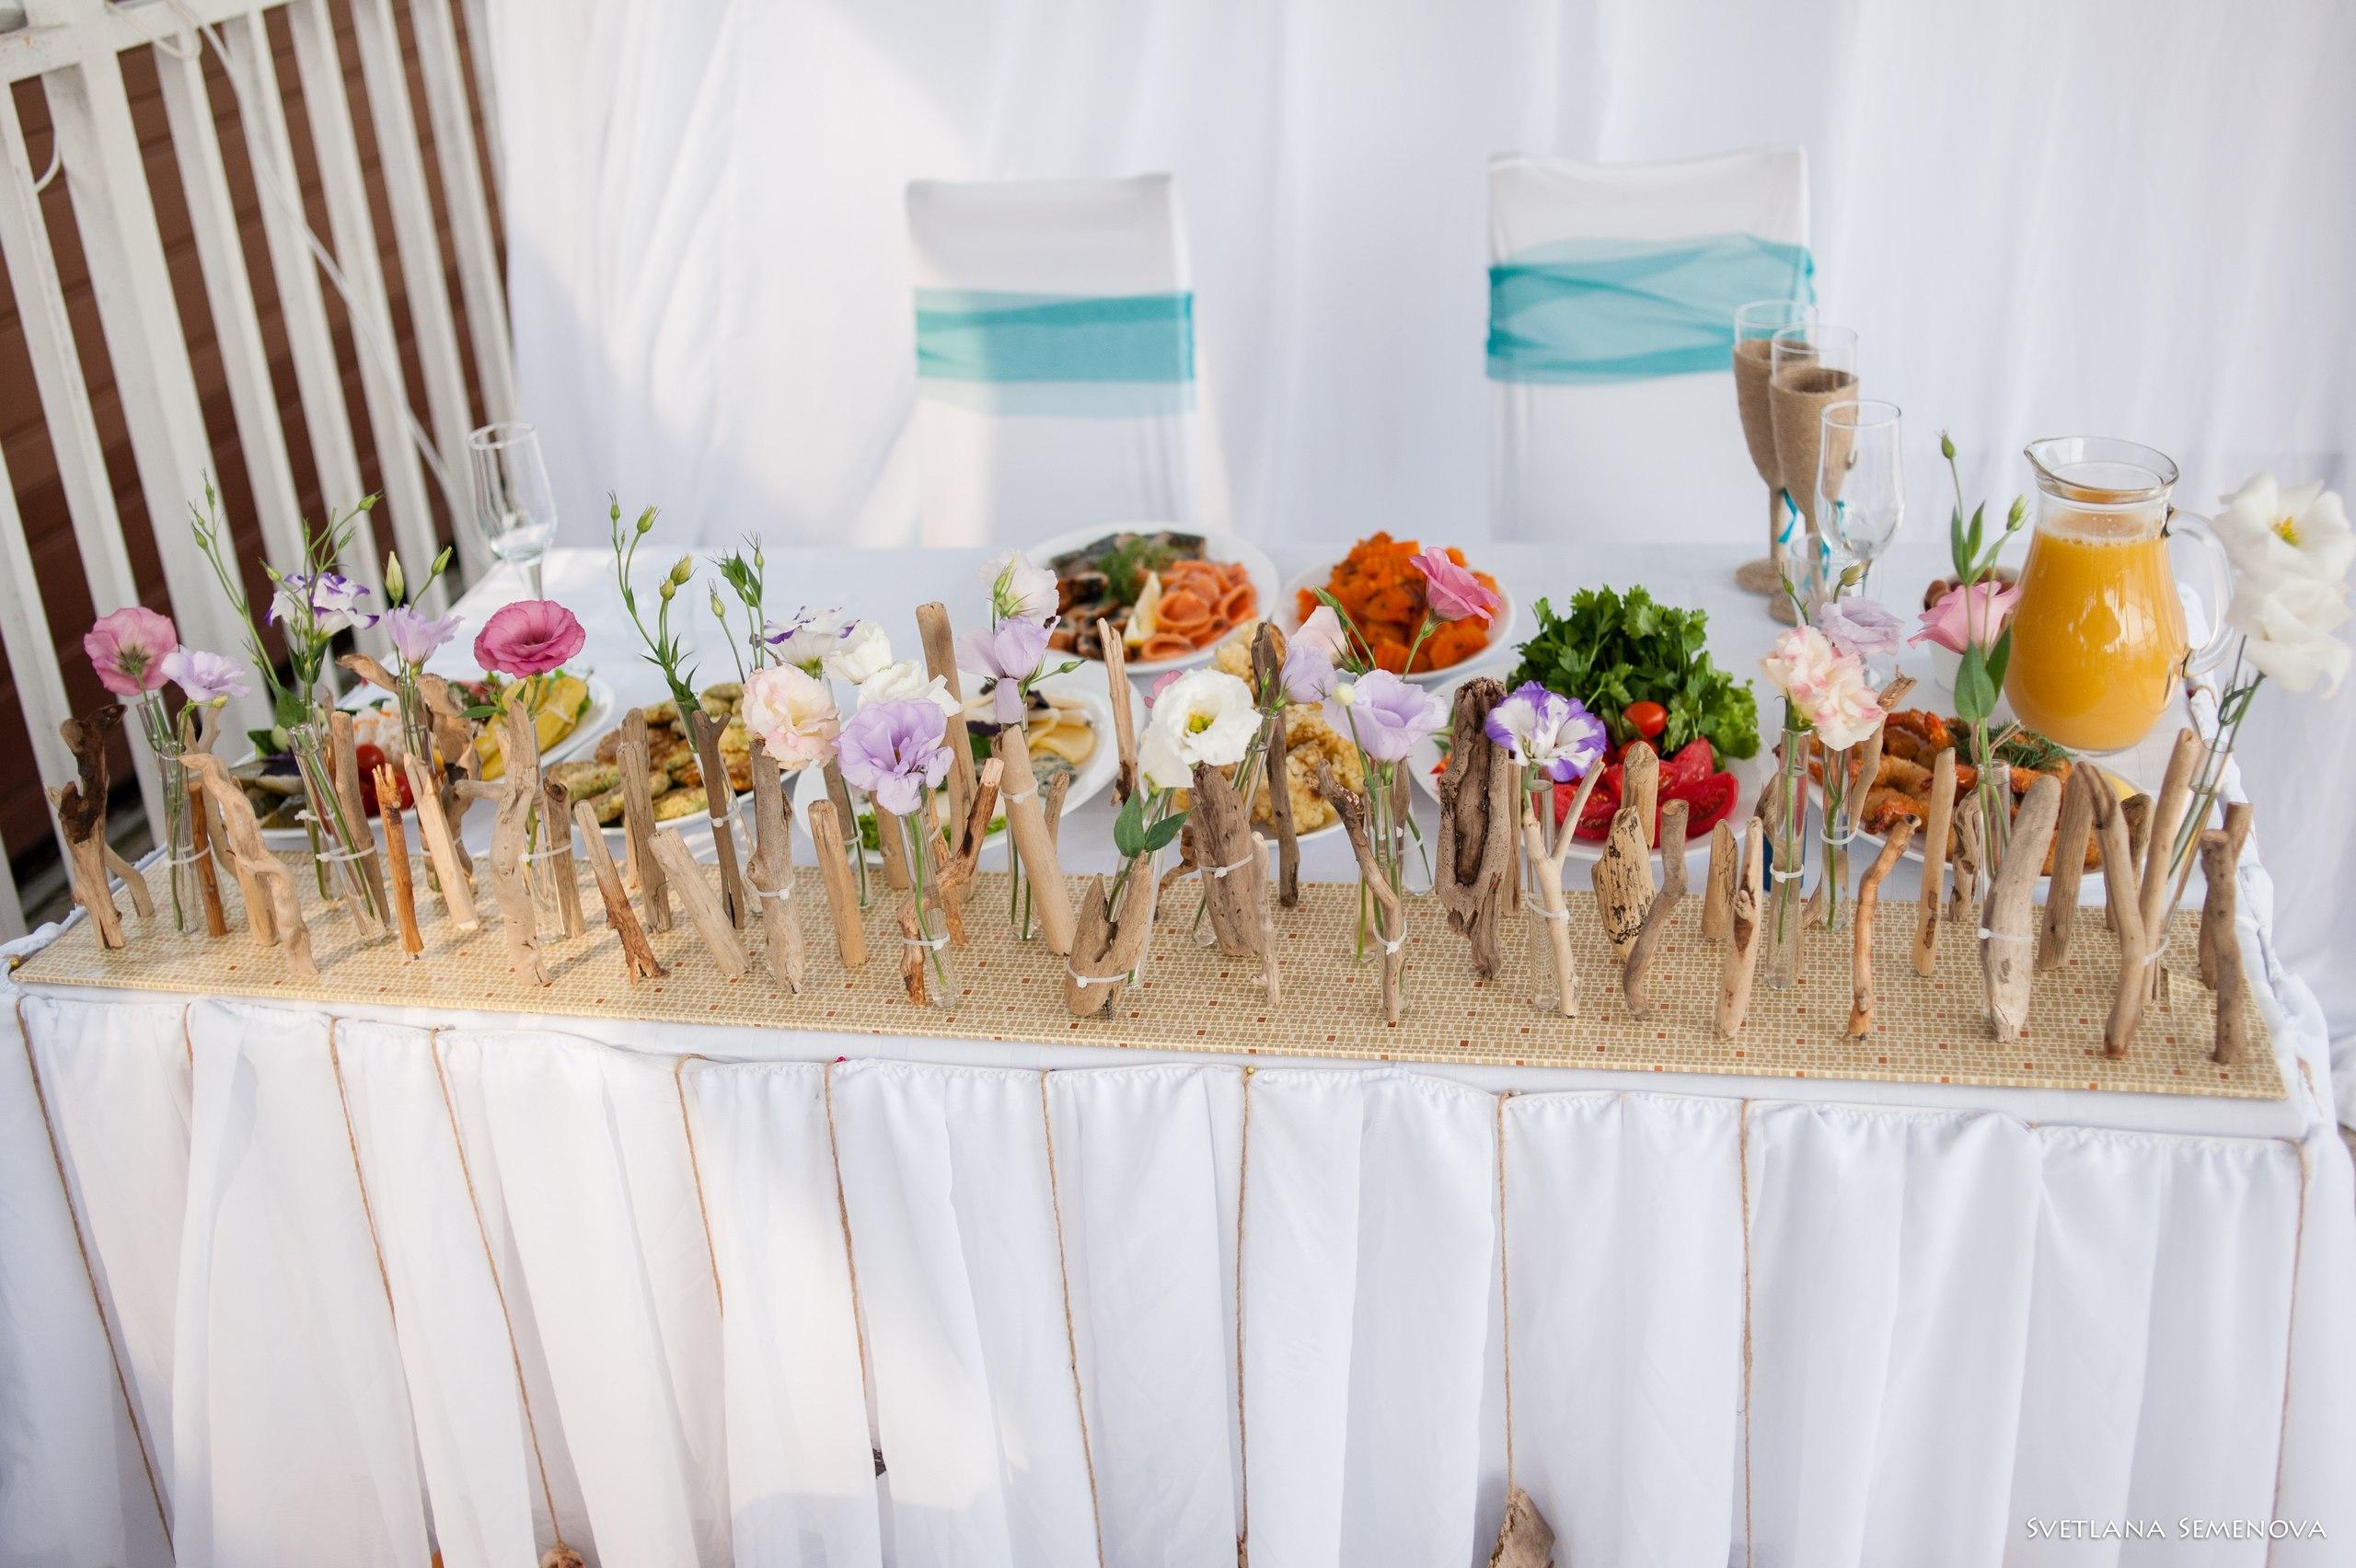 Стол молодоженов украшен фризой в морской тематике